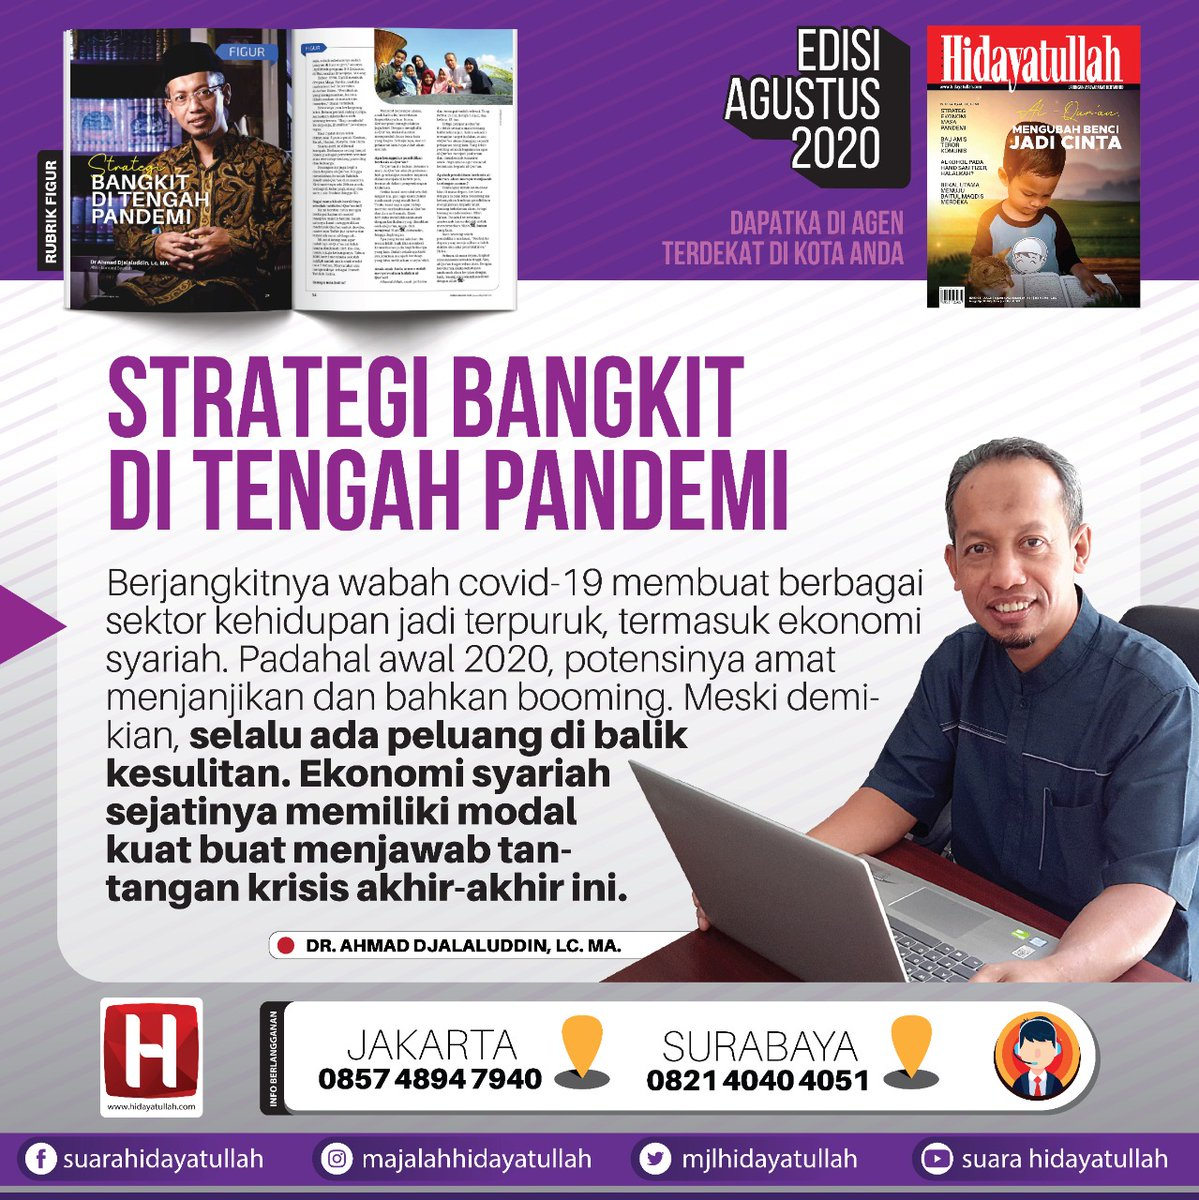 Selalu ada peluang di balik kesulitan. Simak strategi #bangkitpandemi di @mjlhidayatullah @hidcom #MenujuJurangResesi #seninsemangat pic.twitter.com/H82bWnb0f6